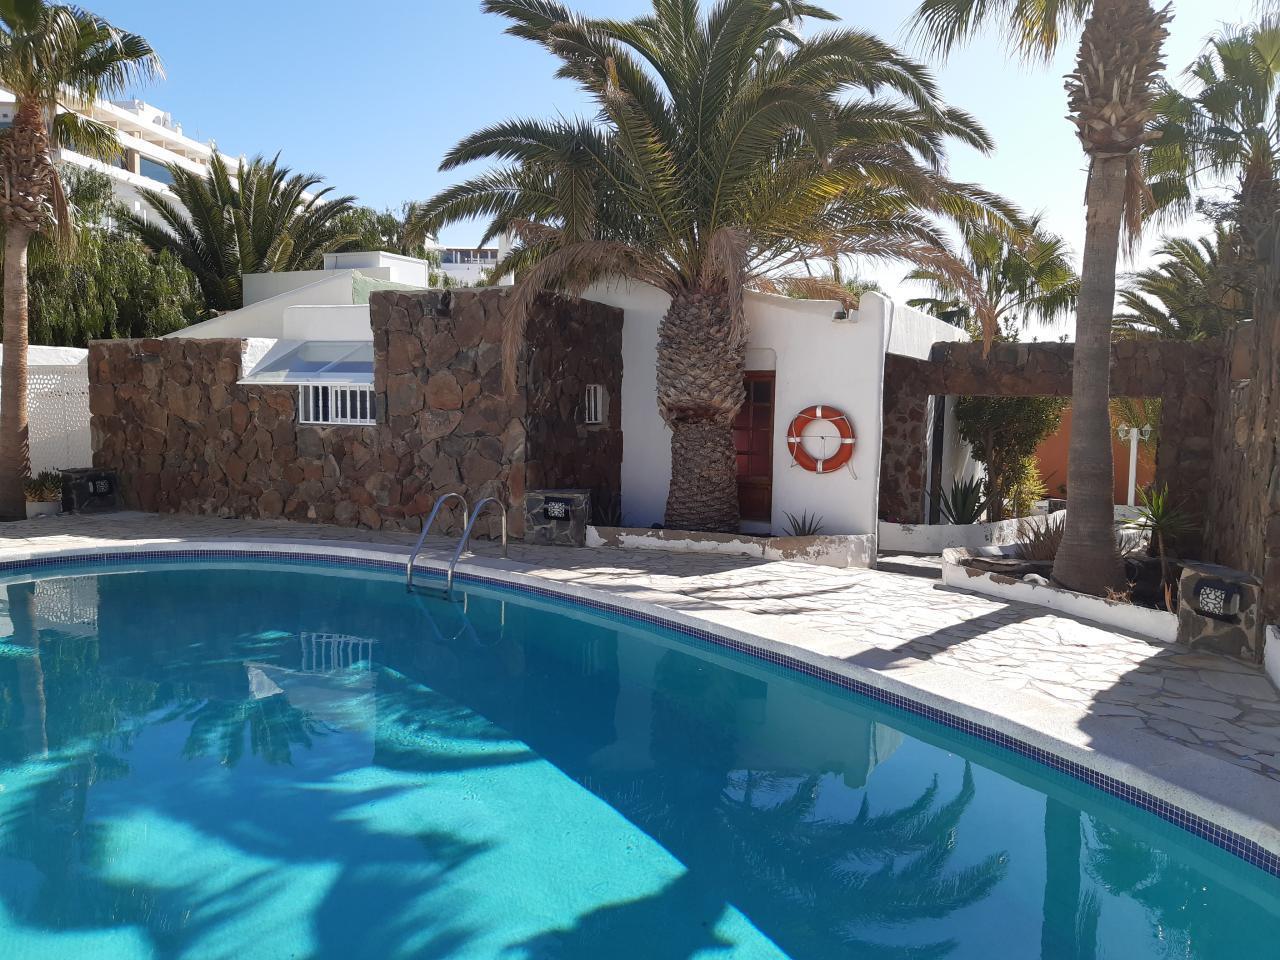 Ferienhaus Exklusiver Bungalow im Süden Fuerteventuras (2029655), Morro Jable, Fuerteventura, Kanarische Inseln, Spanien, Bild 9